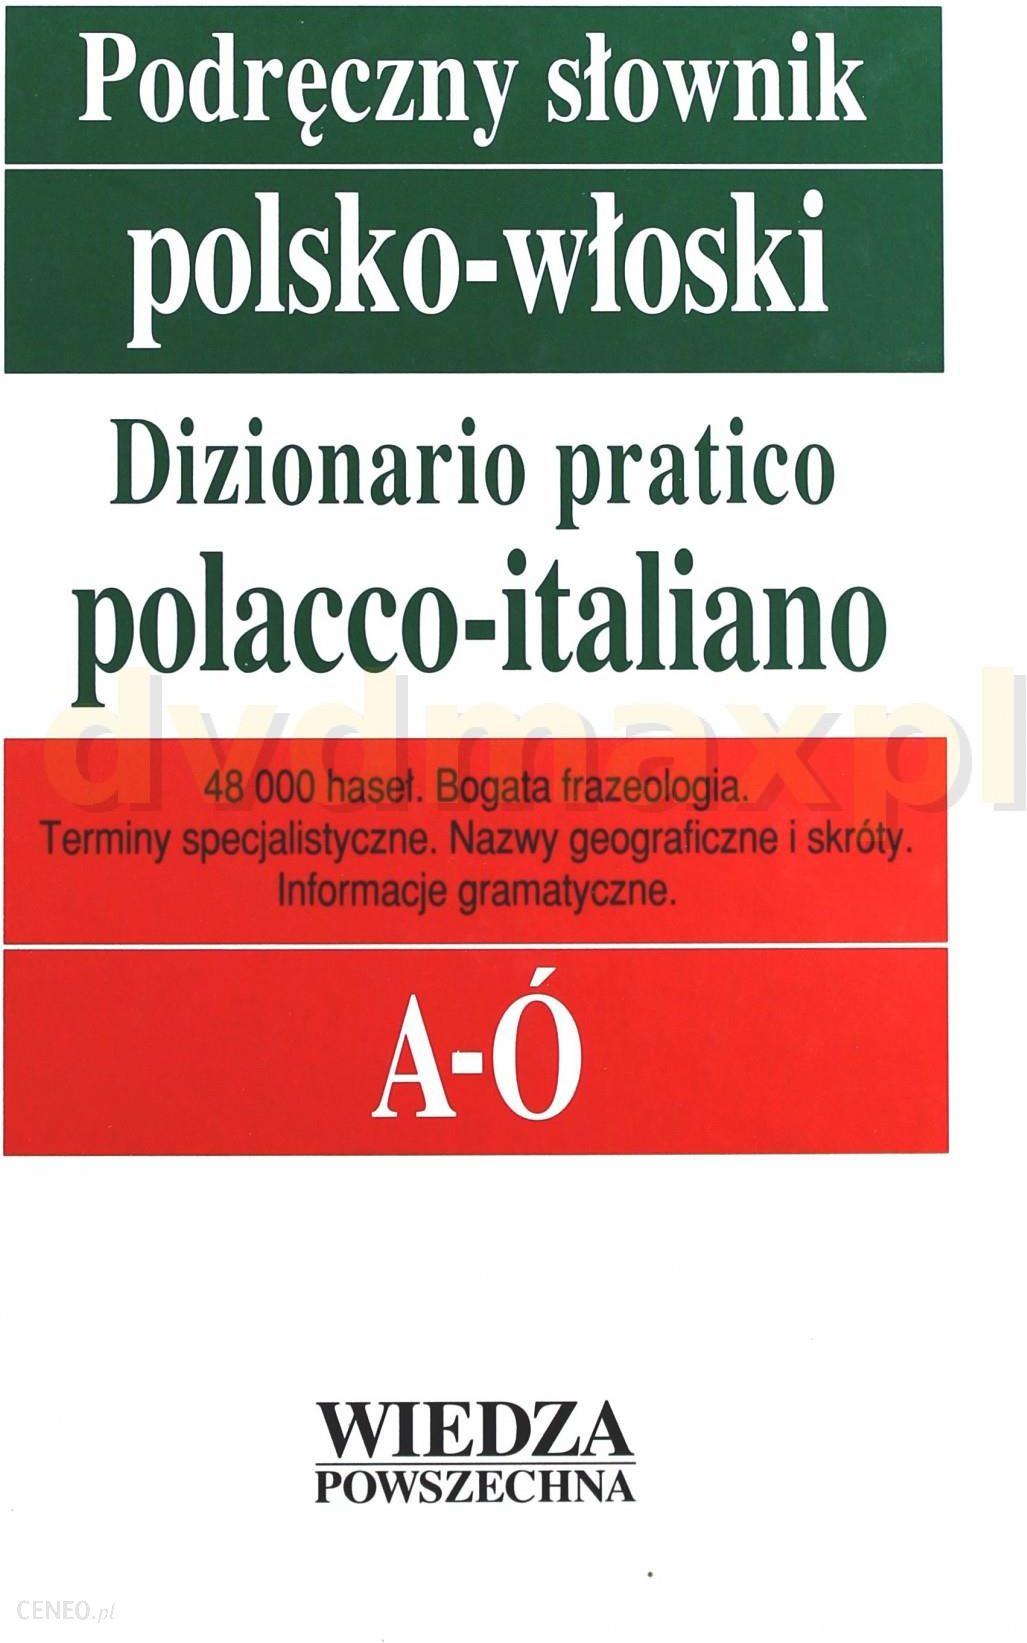 Nauka włoskiego Podręczny Słownik Polsko-Włoski T. 1 A-Ó, T.